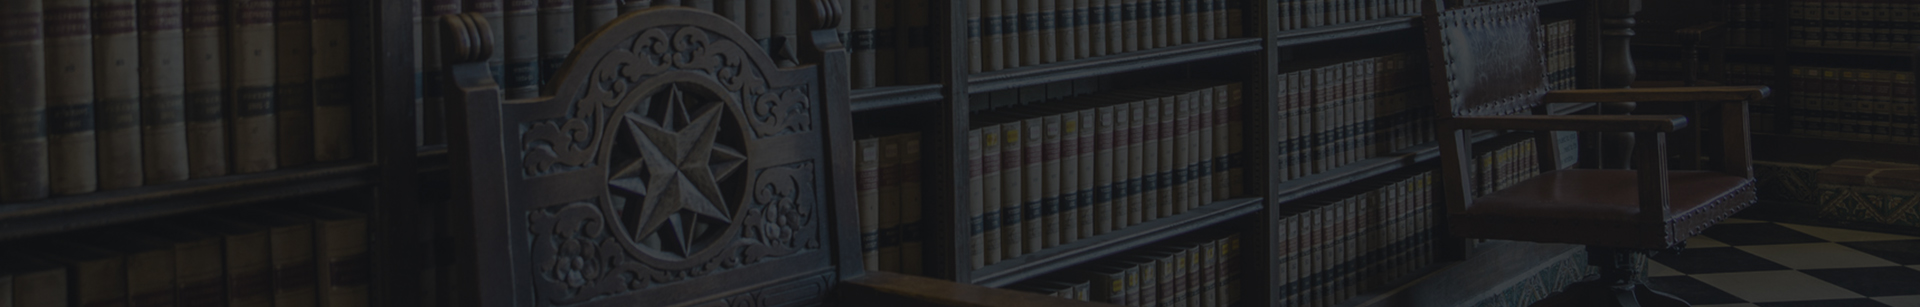 Cases-subheader